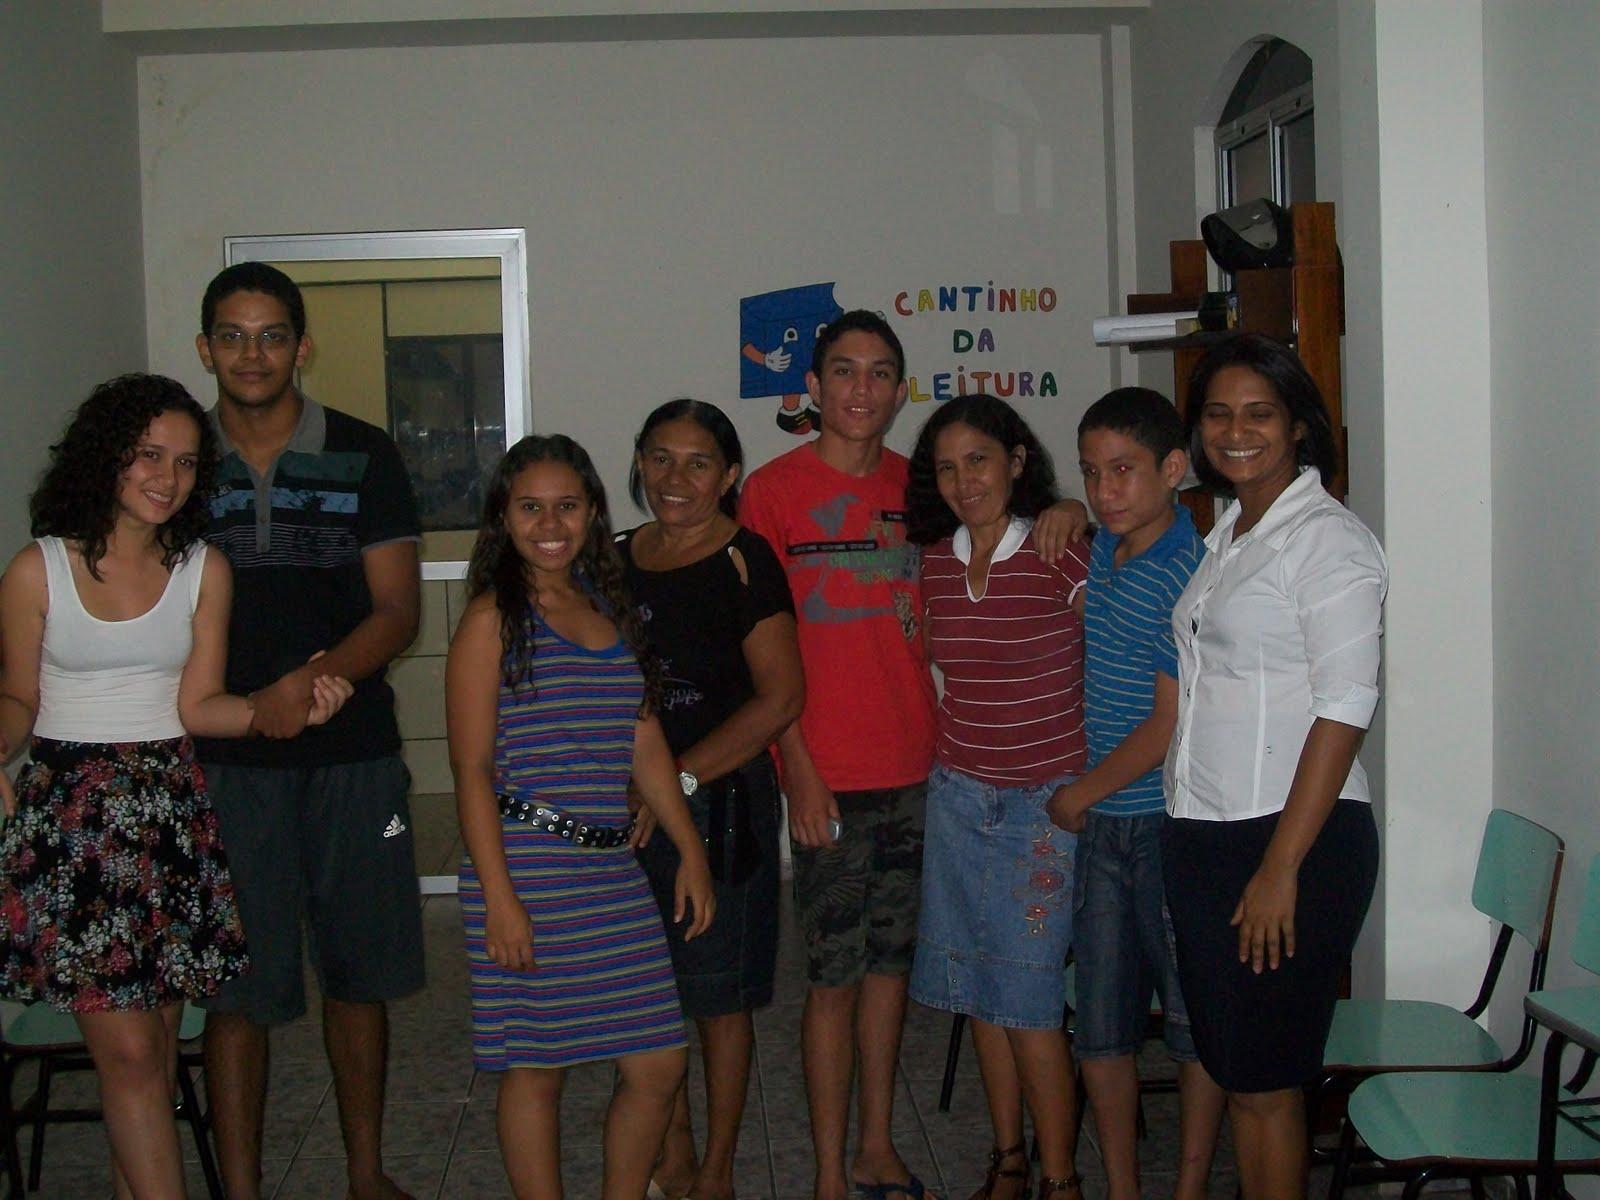 7a227ef2a Fotos da Reunião do mês de abril do ministério da Recepção